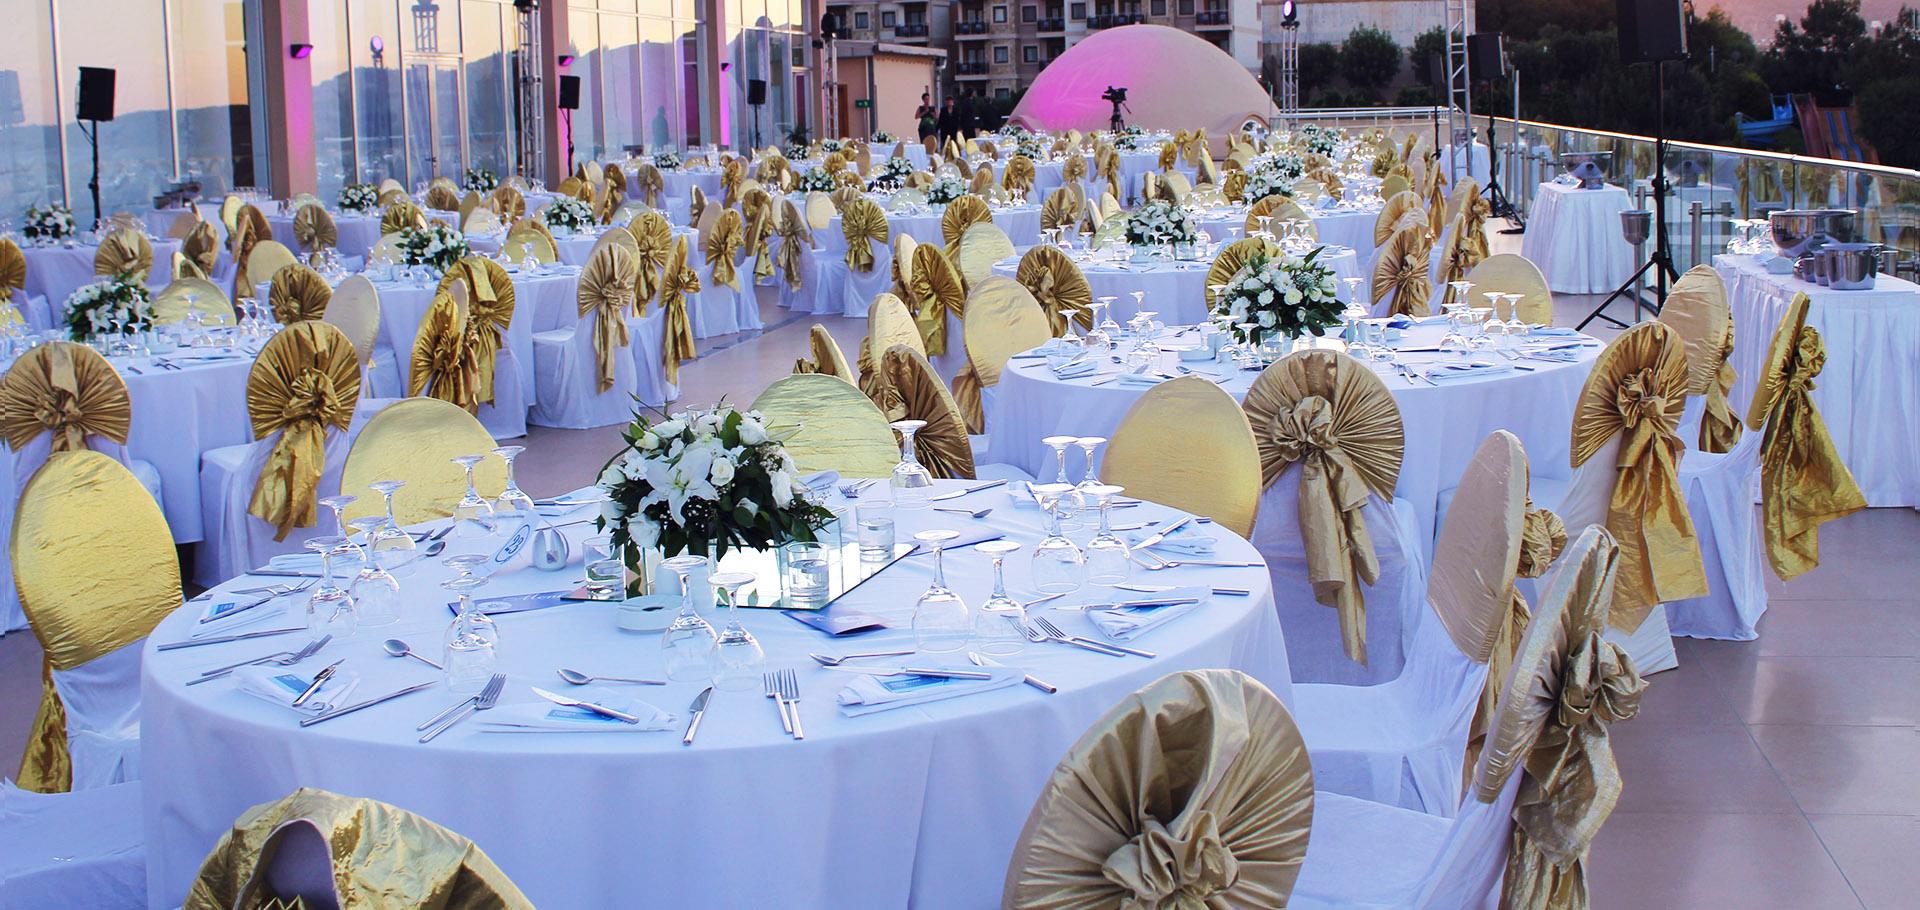 Międzynarodowe Szkolenie dla Liderów FM Group World - elegancja kolacja serwowana na tarasie